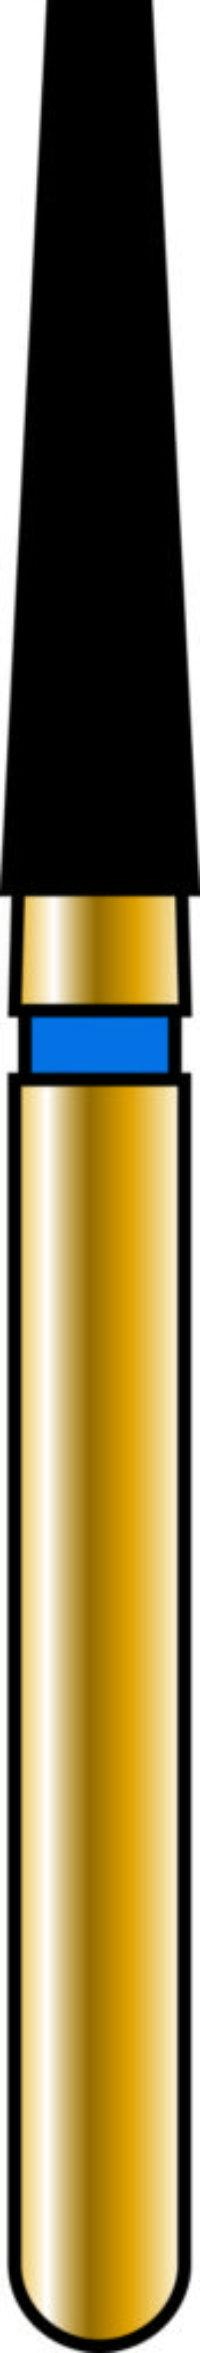 Flat End Taper 18-8mm Gold Diamond Bur